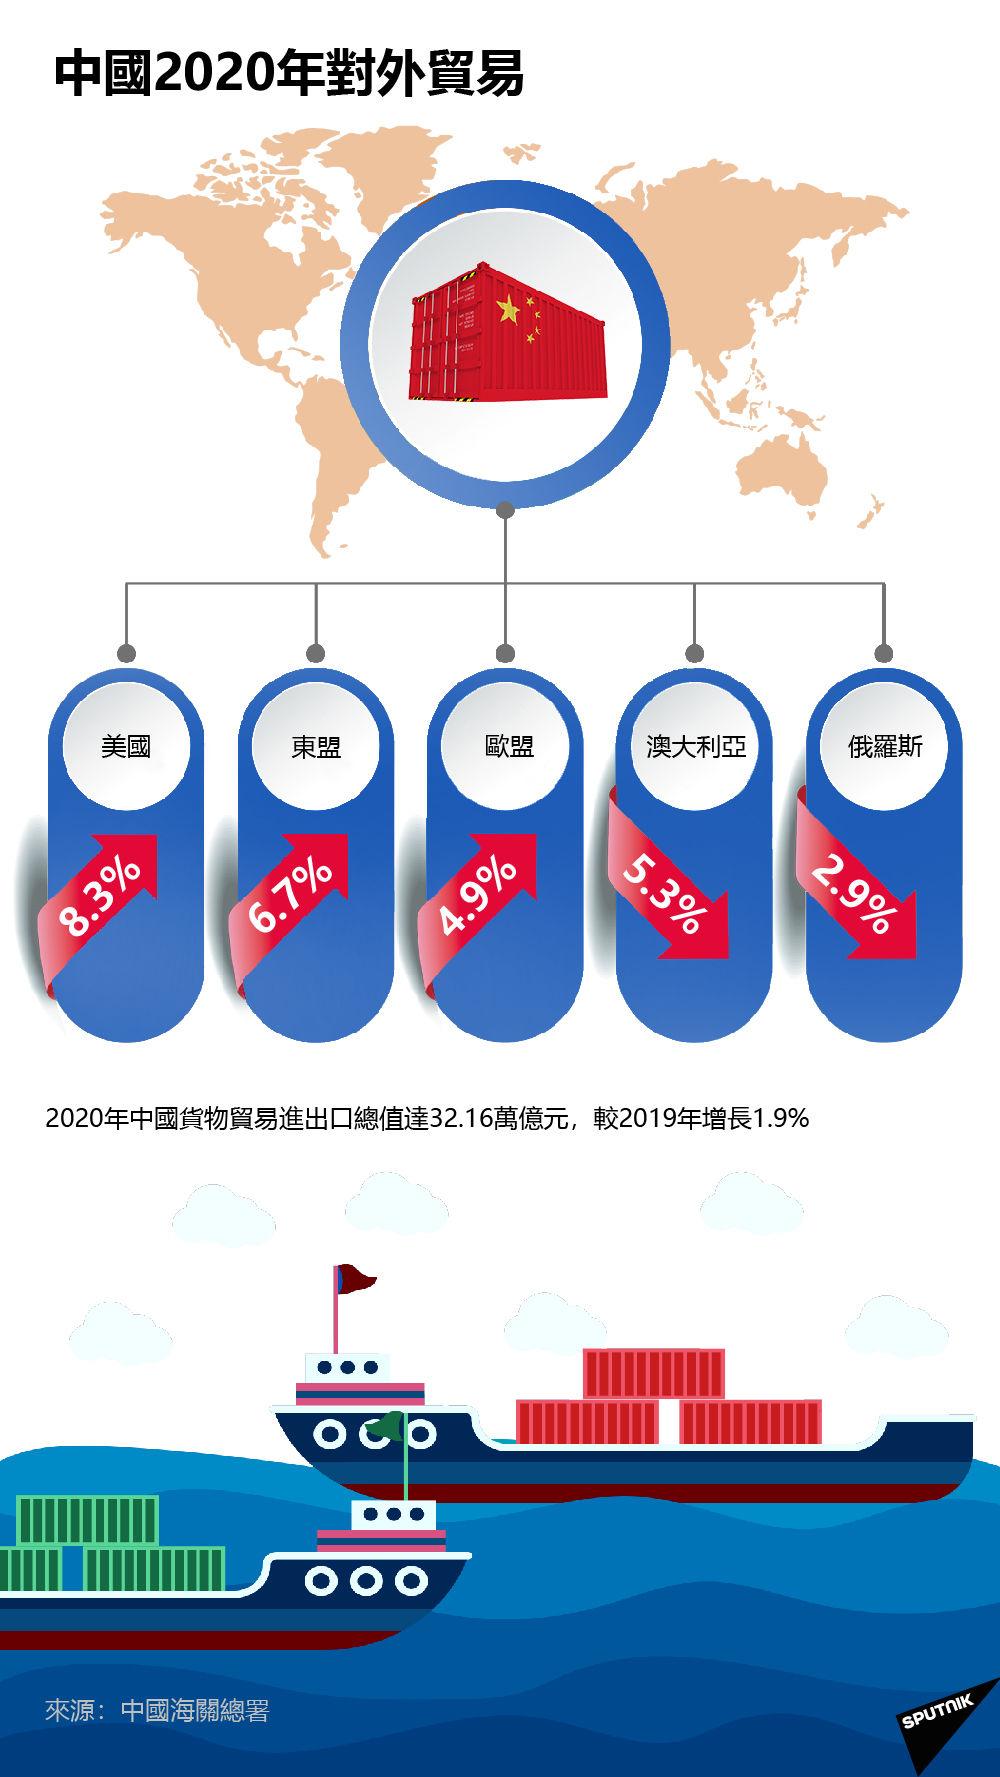 中國2020年對外貿易